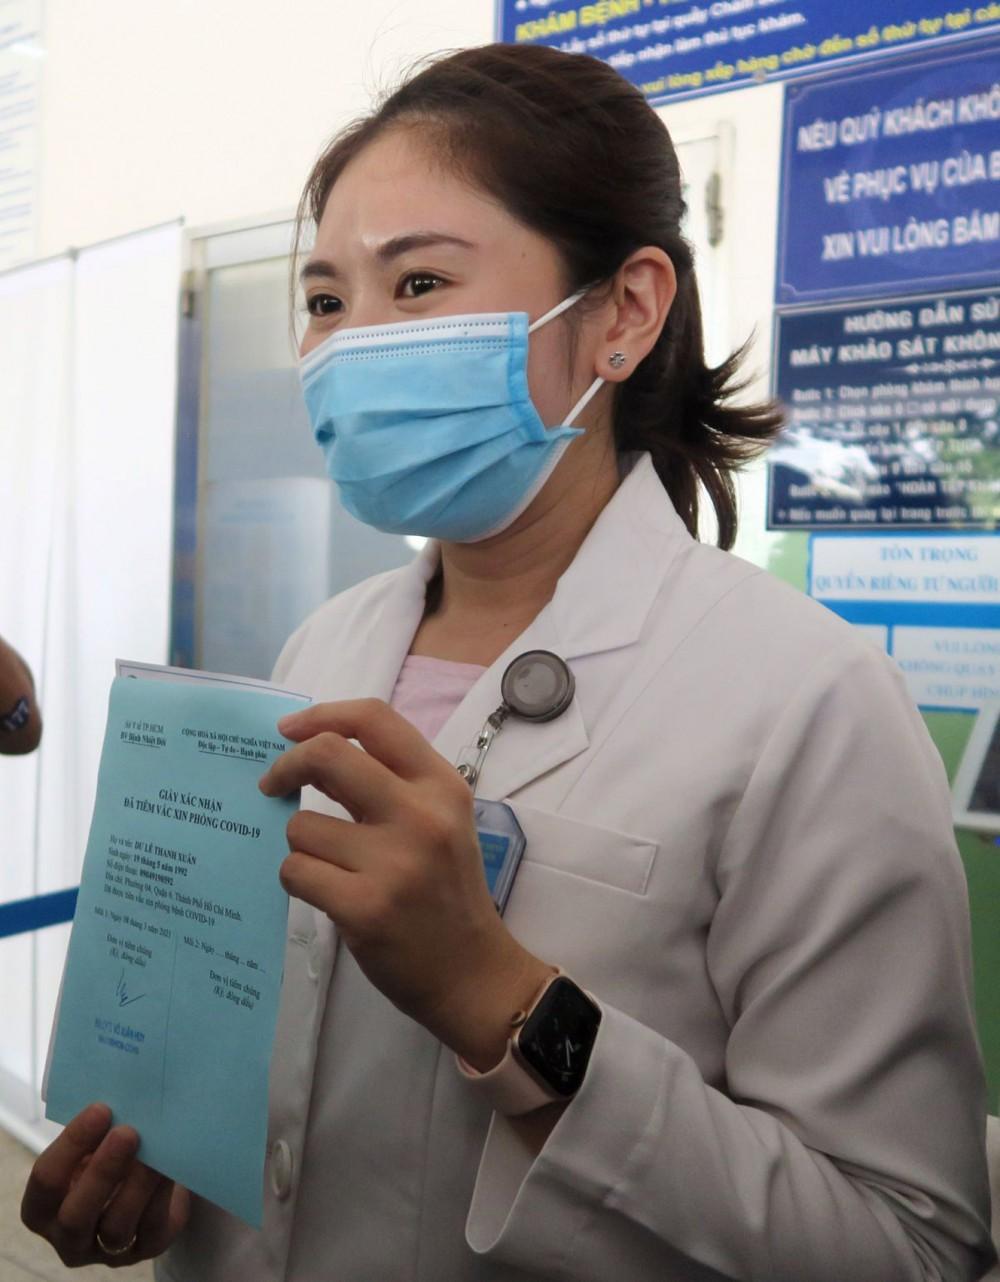 Bác sĩ Dư Lê Thanh Xuân, Khoa Hồi sức cấp cứu, chống độc người lớn, Bệnh viện Bệnh Nhiệt đới Thành phố Hồ Chí Minh - người đầu tiên được tiêm vaccine phòng COVID-19. Ảnh: ĐINH HẰNG - TTXVN